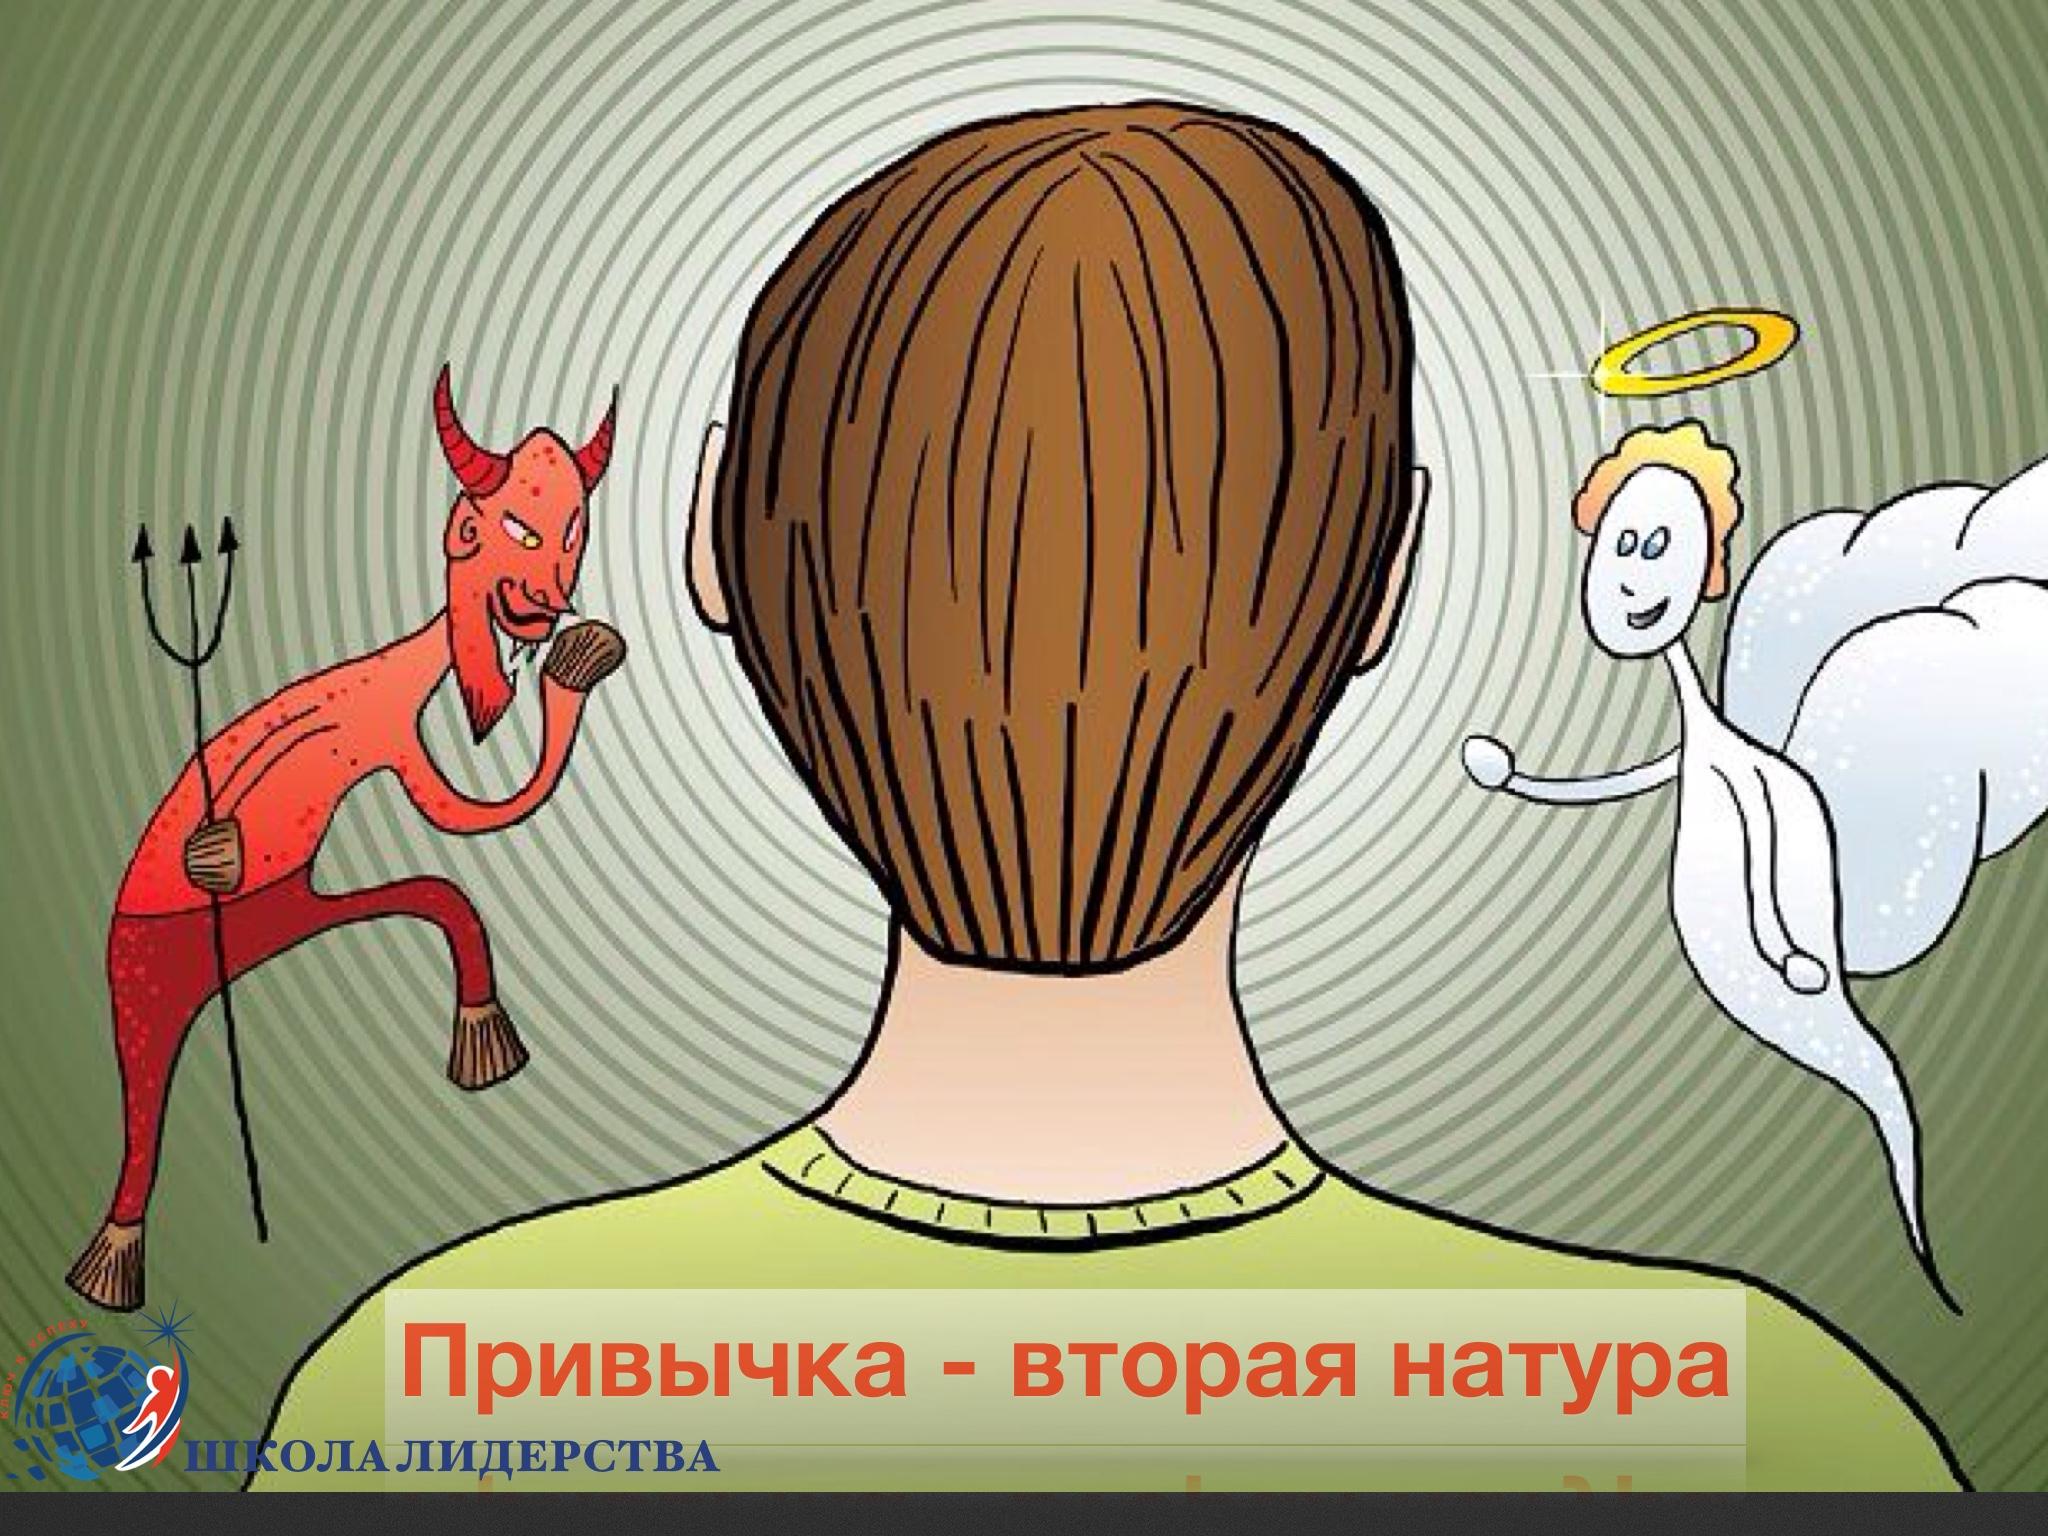 как воспитать лидера, как развить лидерские качества ребенка, как создавать правильные привычки, привычка - вторая натура, как сделать ребенка уверенным, как развить уверенность в себе, как развить силу воли, школа лидерства, курсы для подростков, Елена Березовская